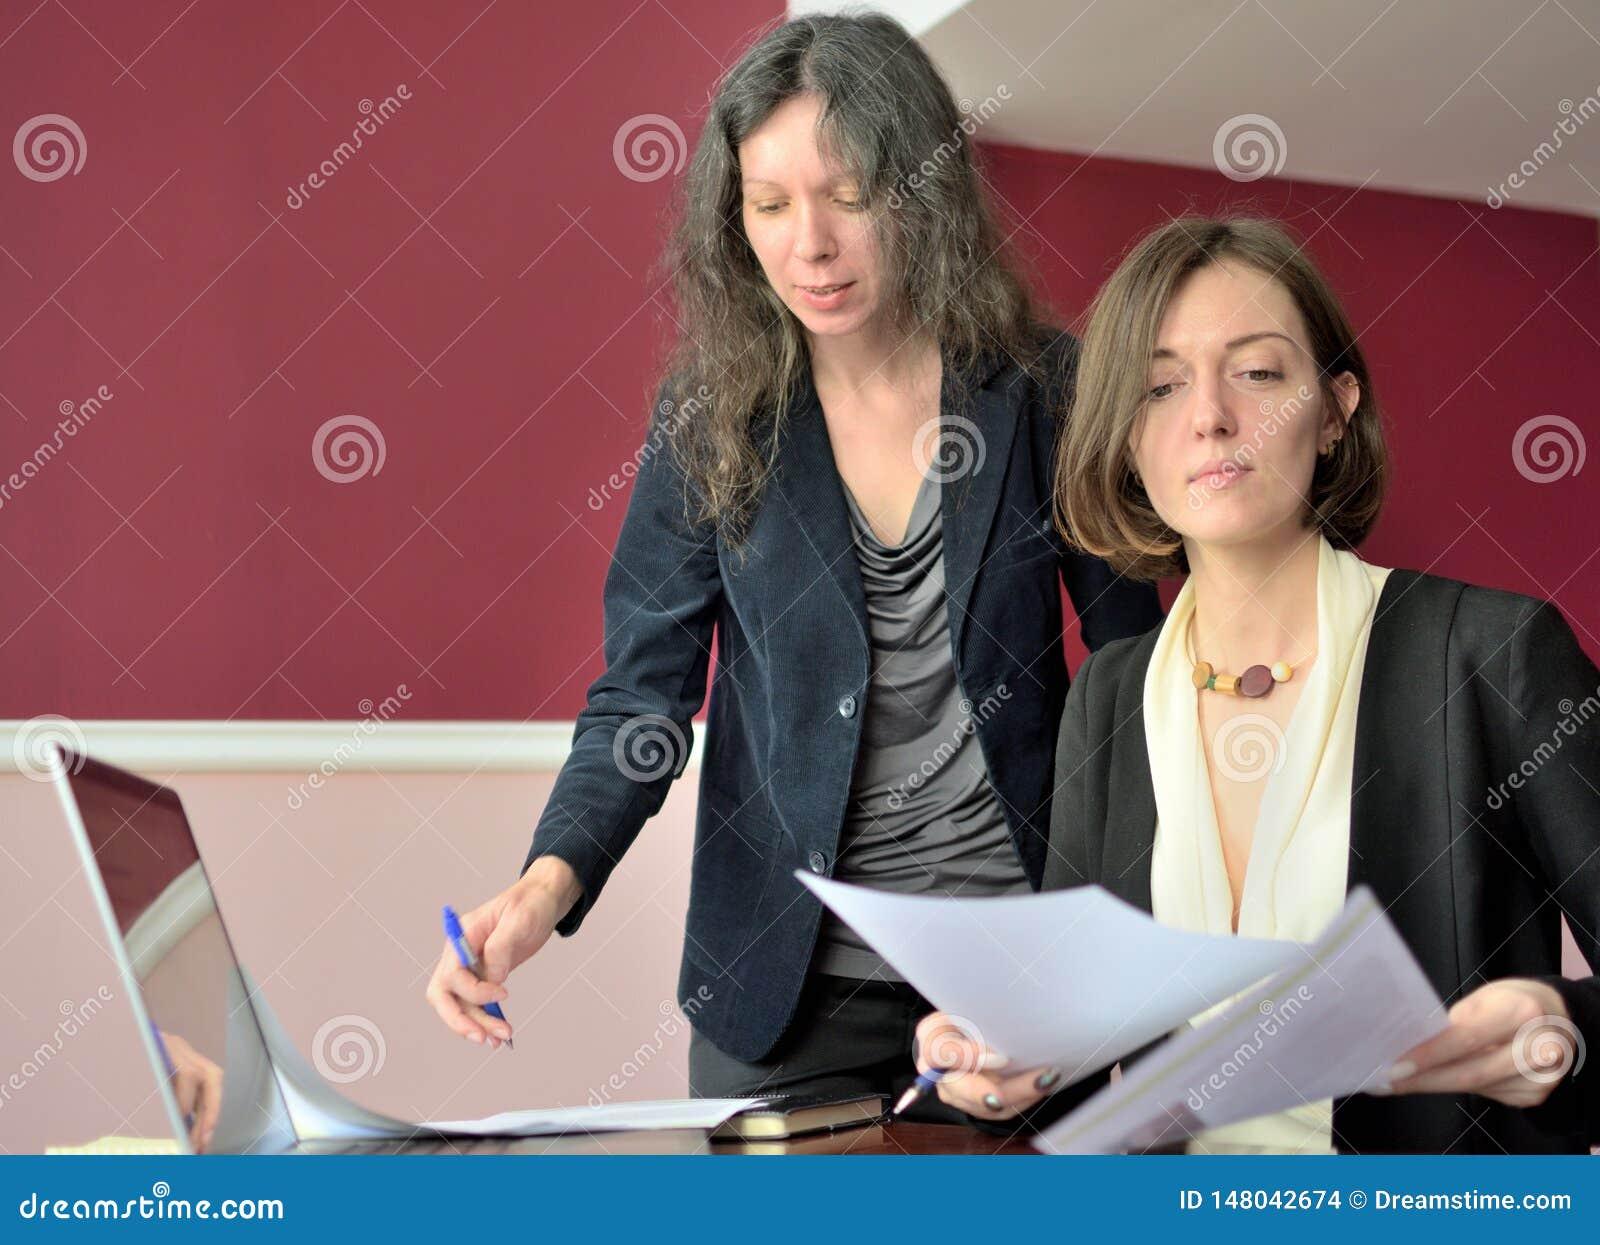 De jongelui kleedde smartly dame helpt een andere jonge dame om met documenten te werken, vormen en teken vullen